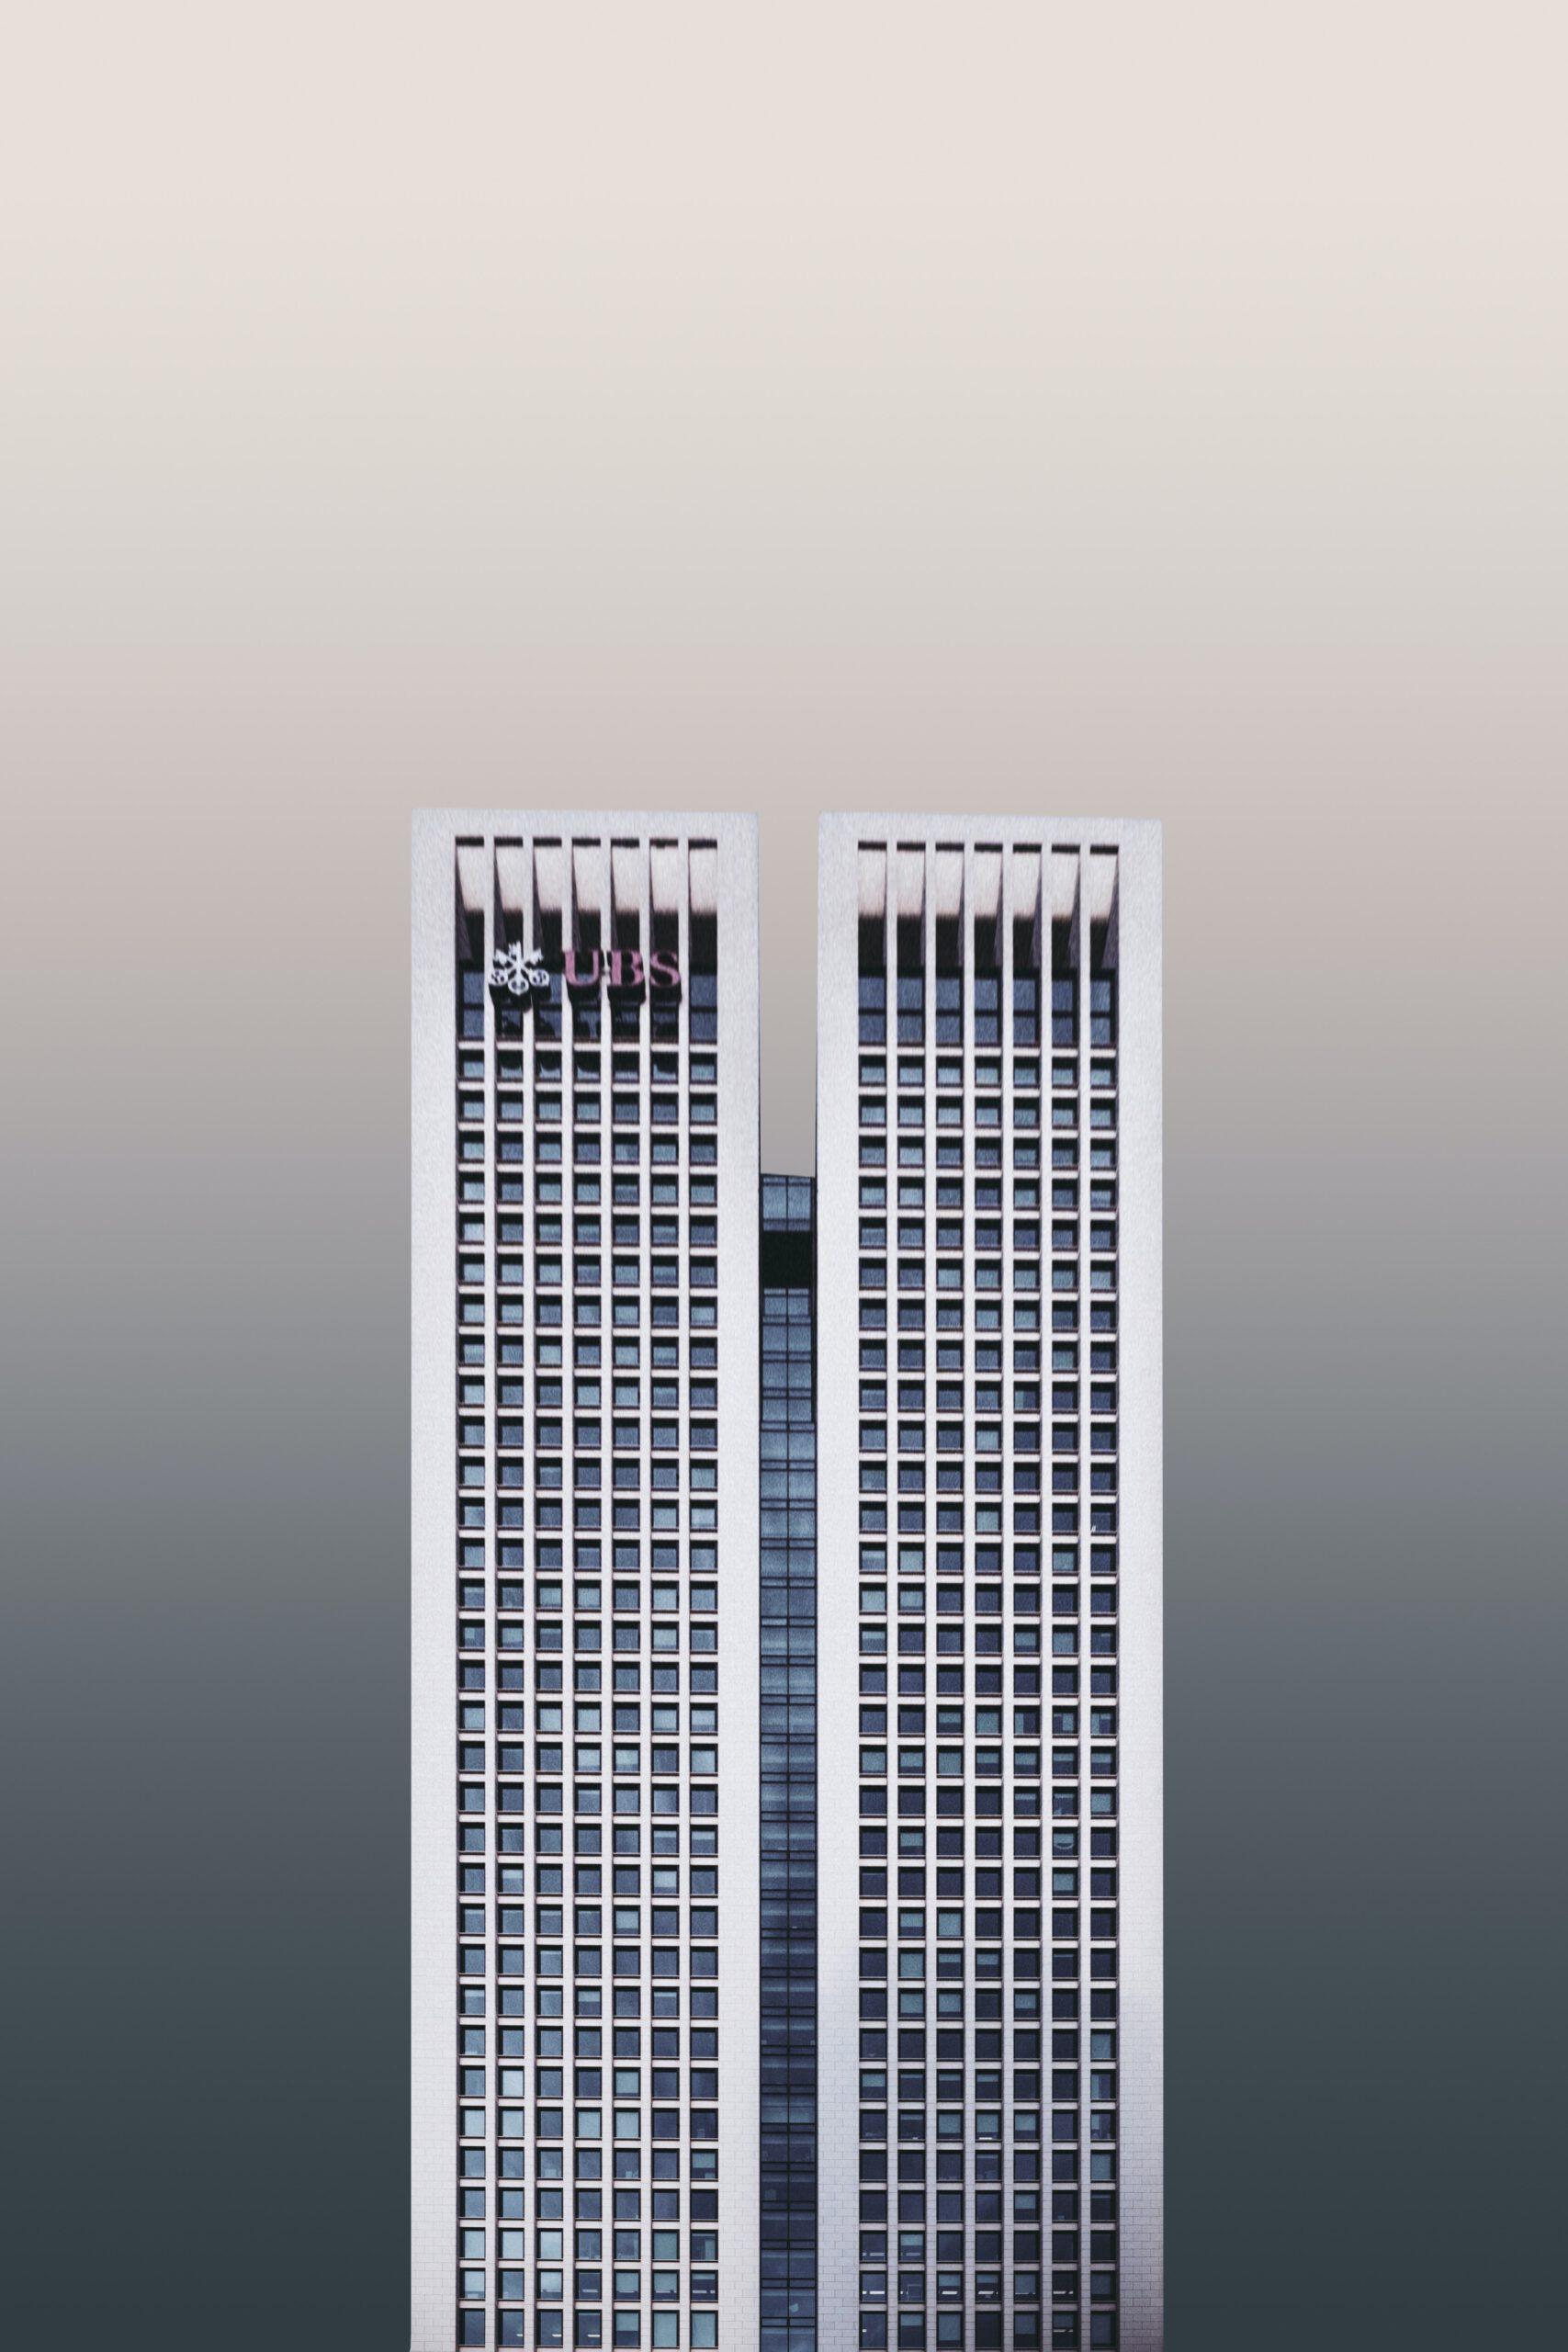 Hoge gebouwen zijn veilig